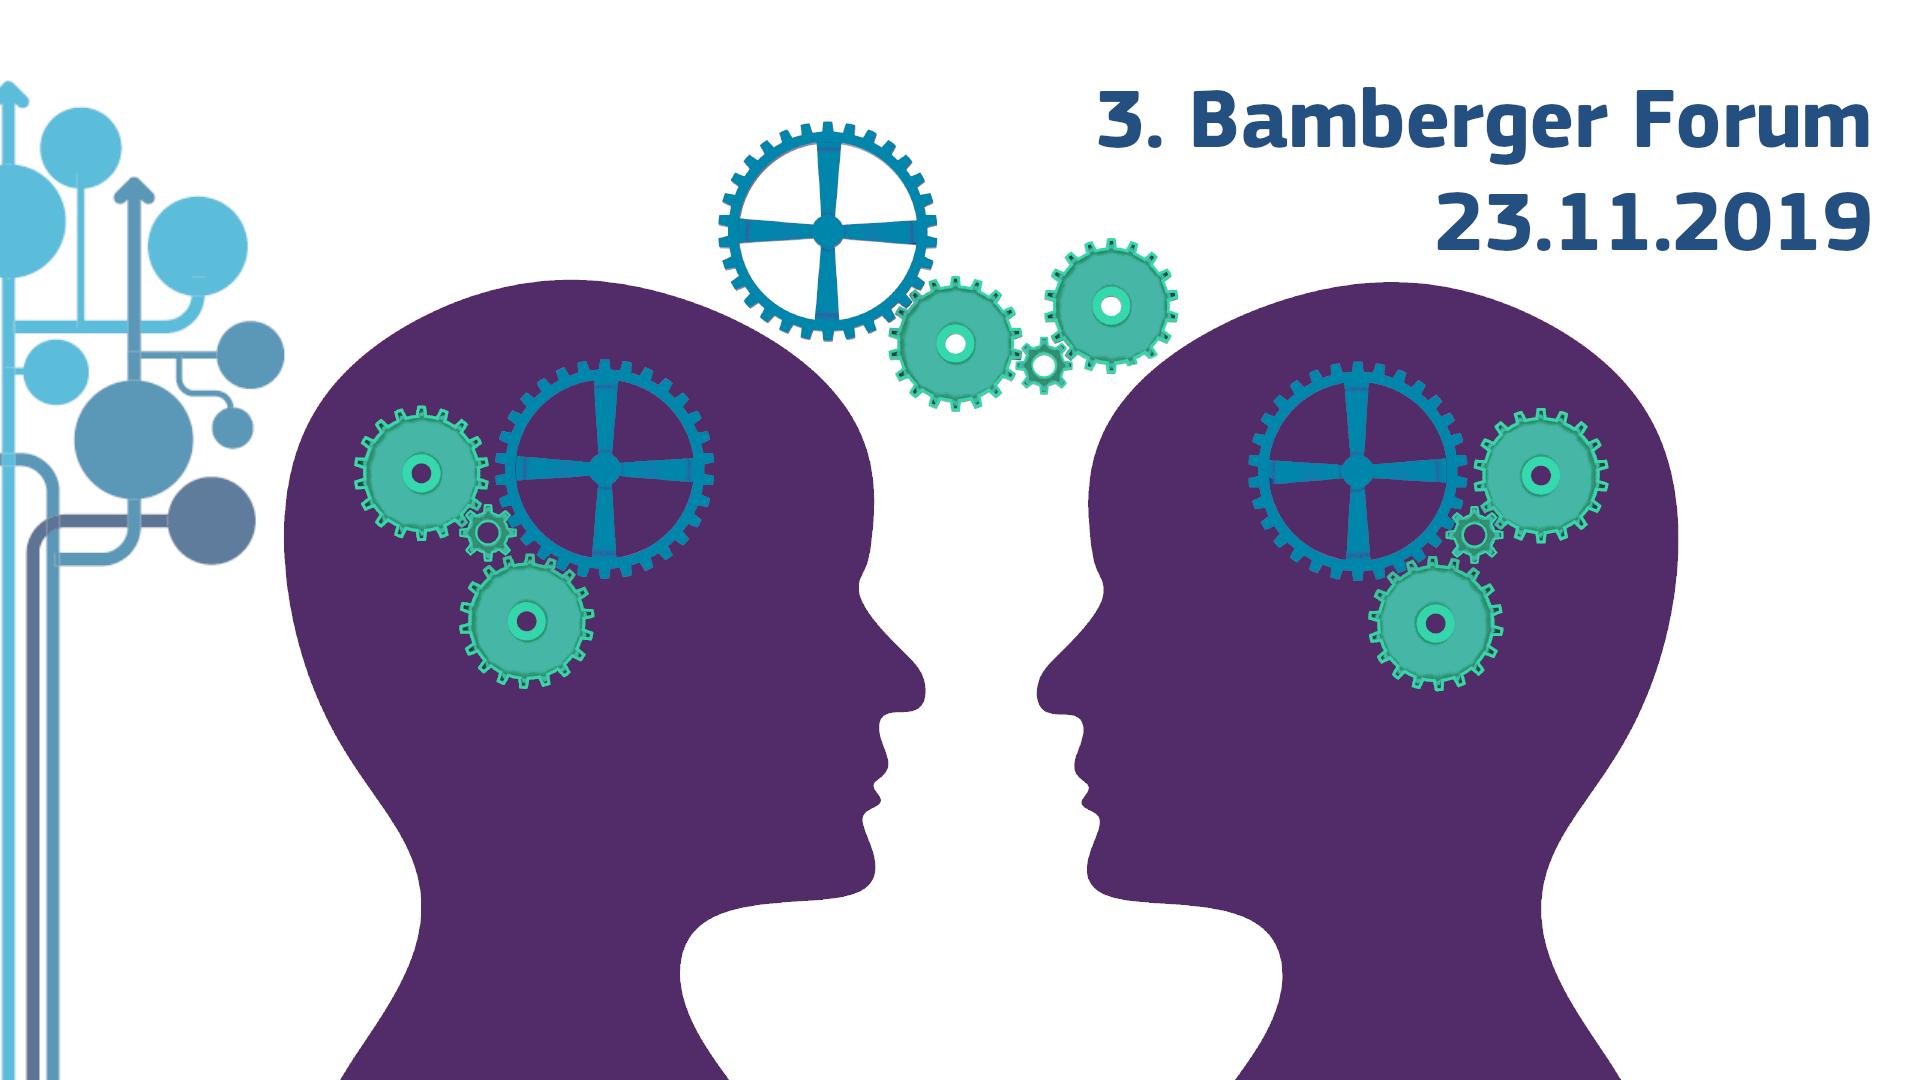 III Bamberger Forum 2019